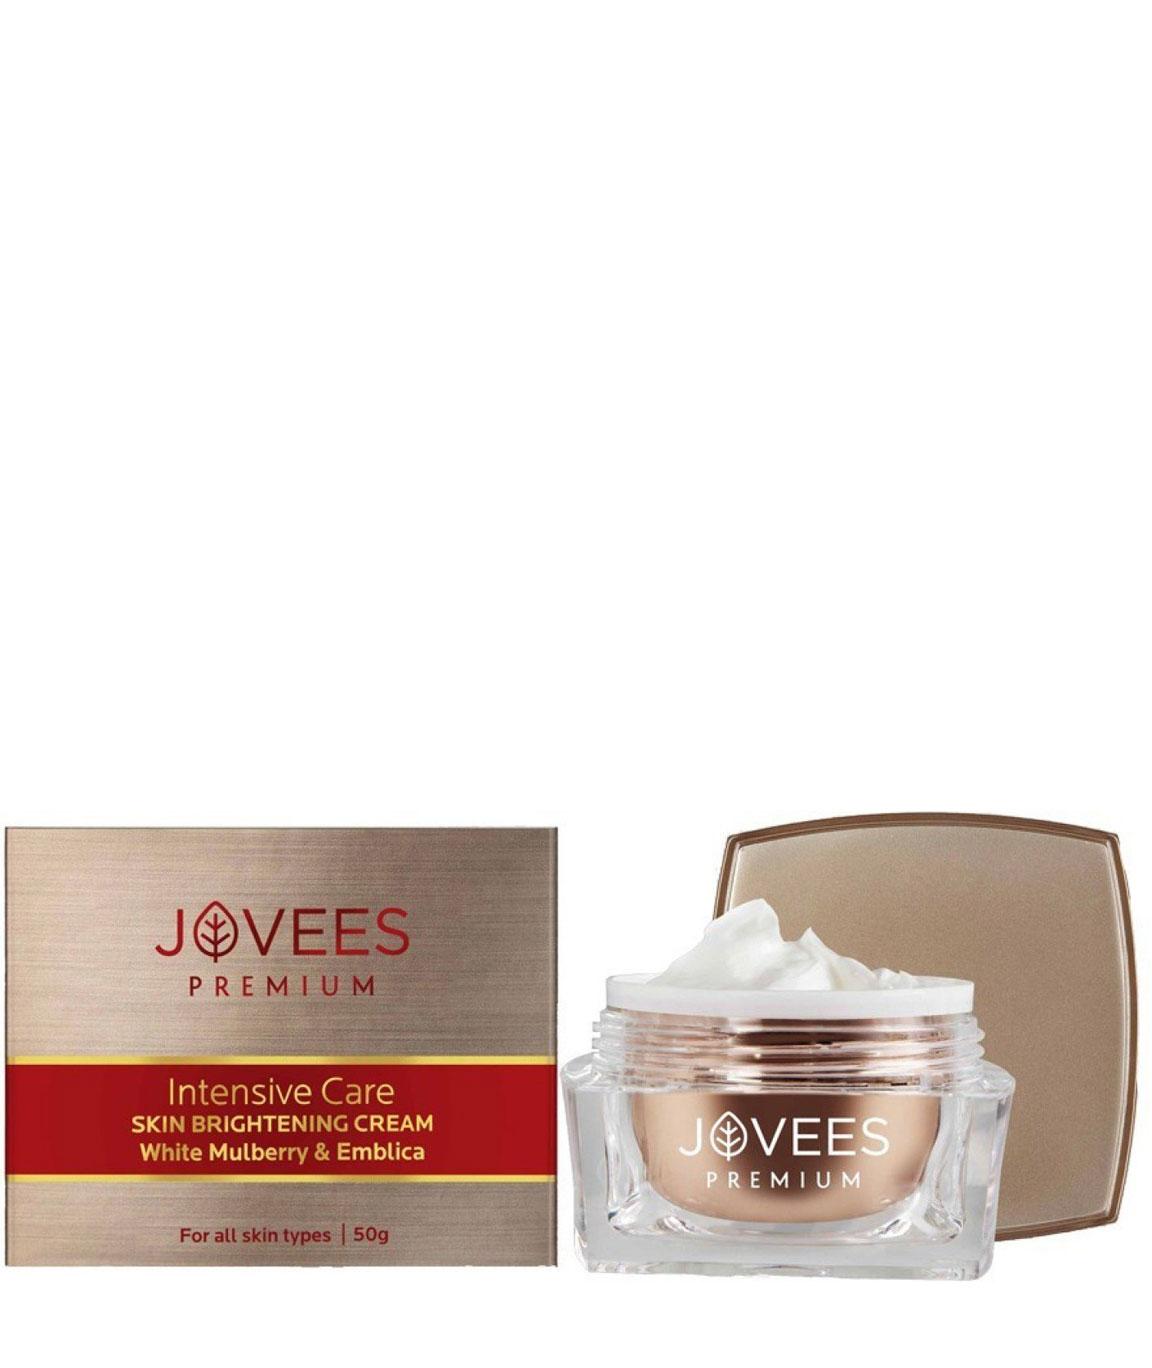 Jovees Premium Intensive Care Brightening Cream, 50gm